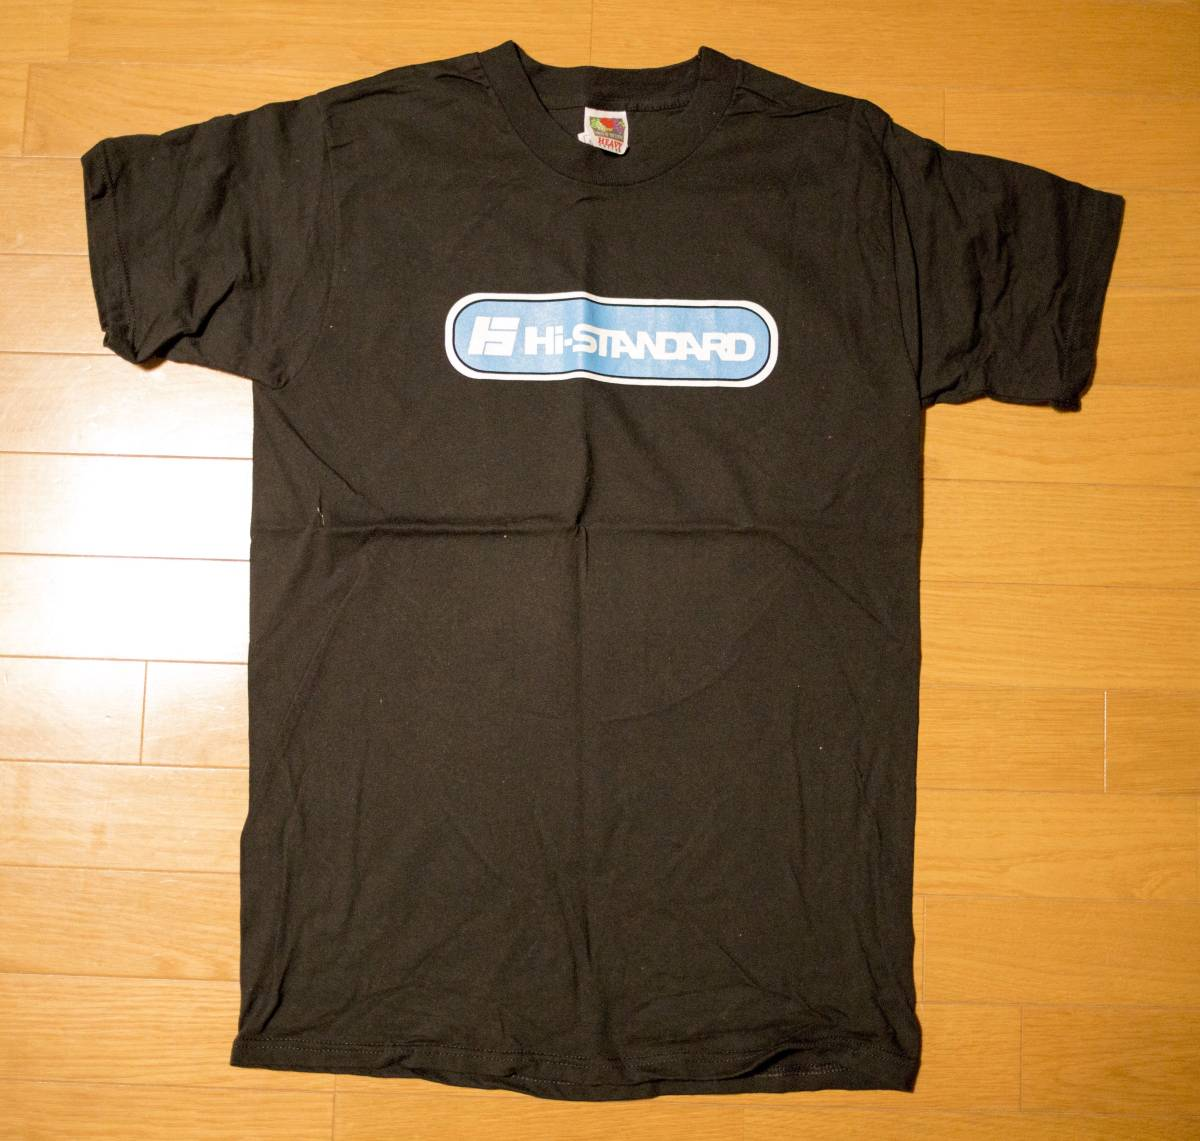 Hi-STANDARD ハイスタンダード『MAKING THE ROAD』ツアー TシャツMサイズ 99年 未使用 ライブグッズの画像